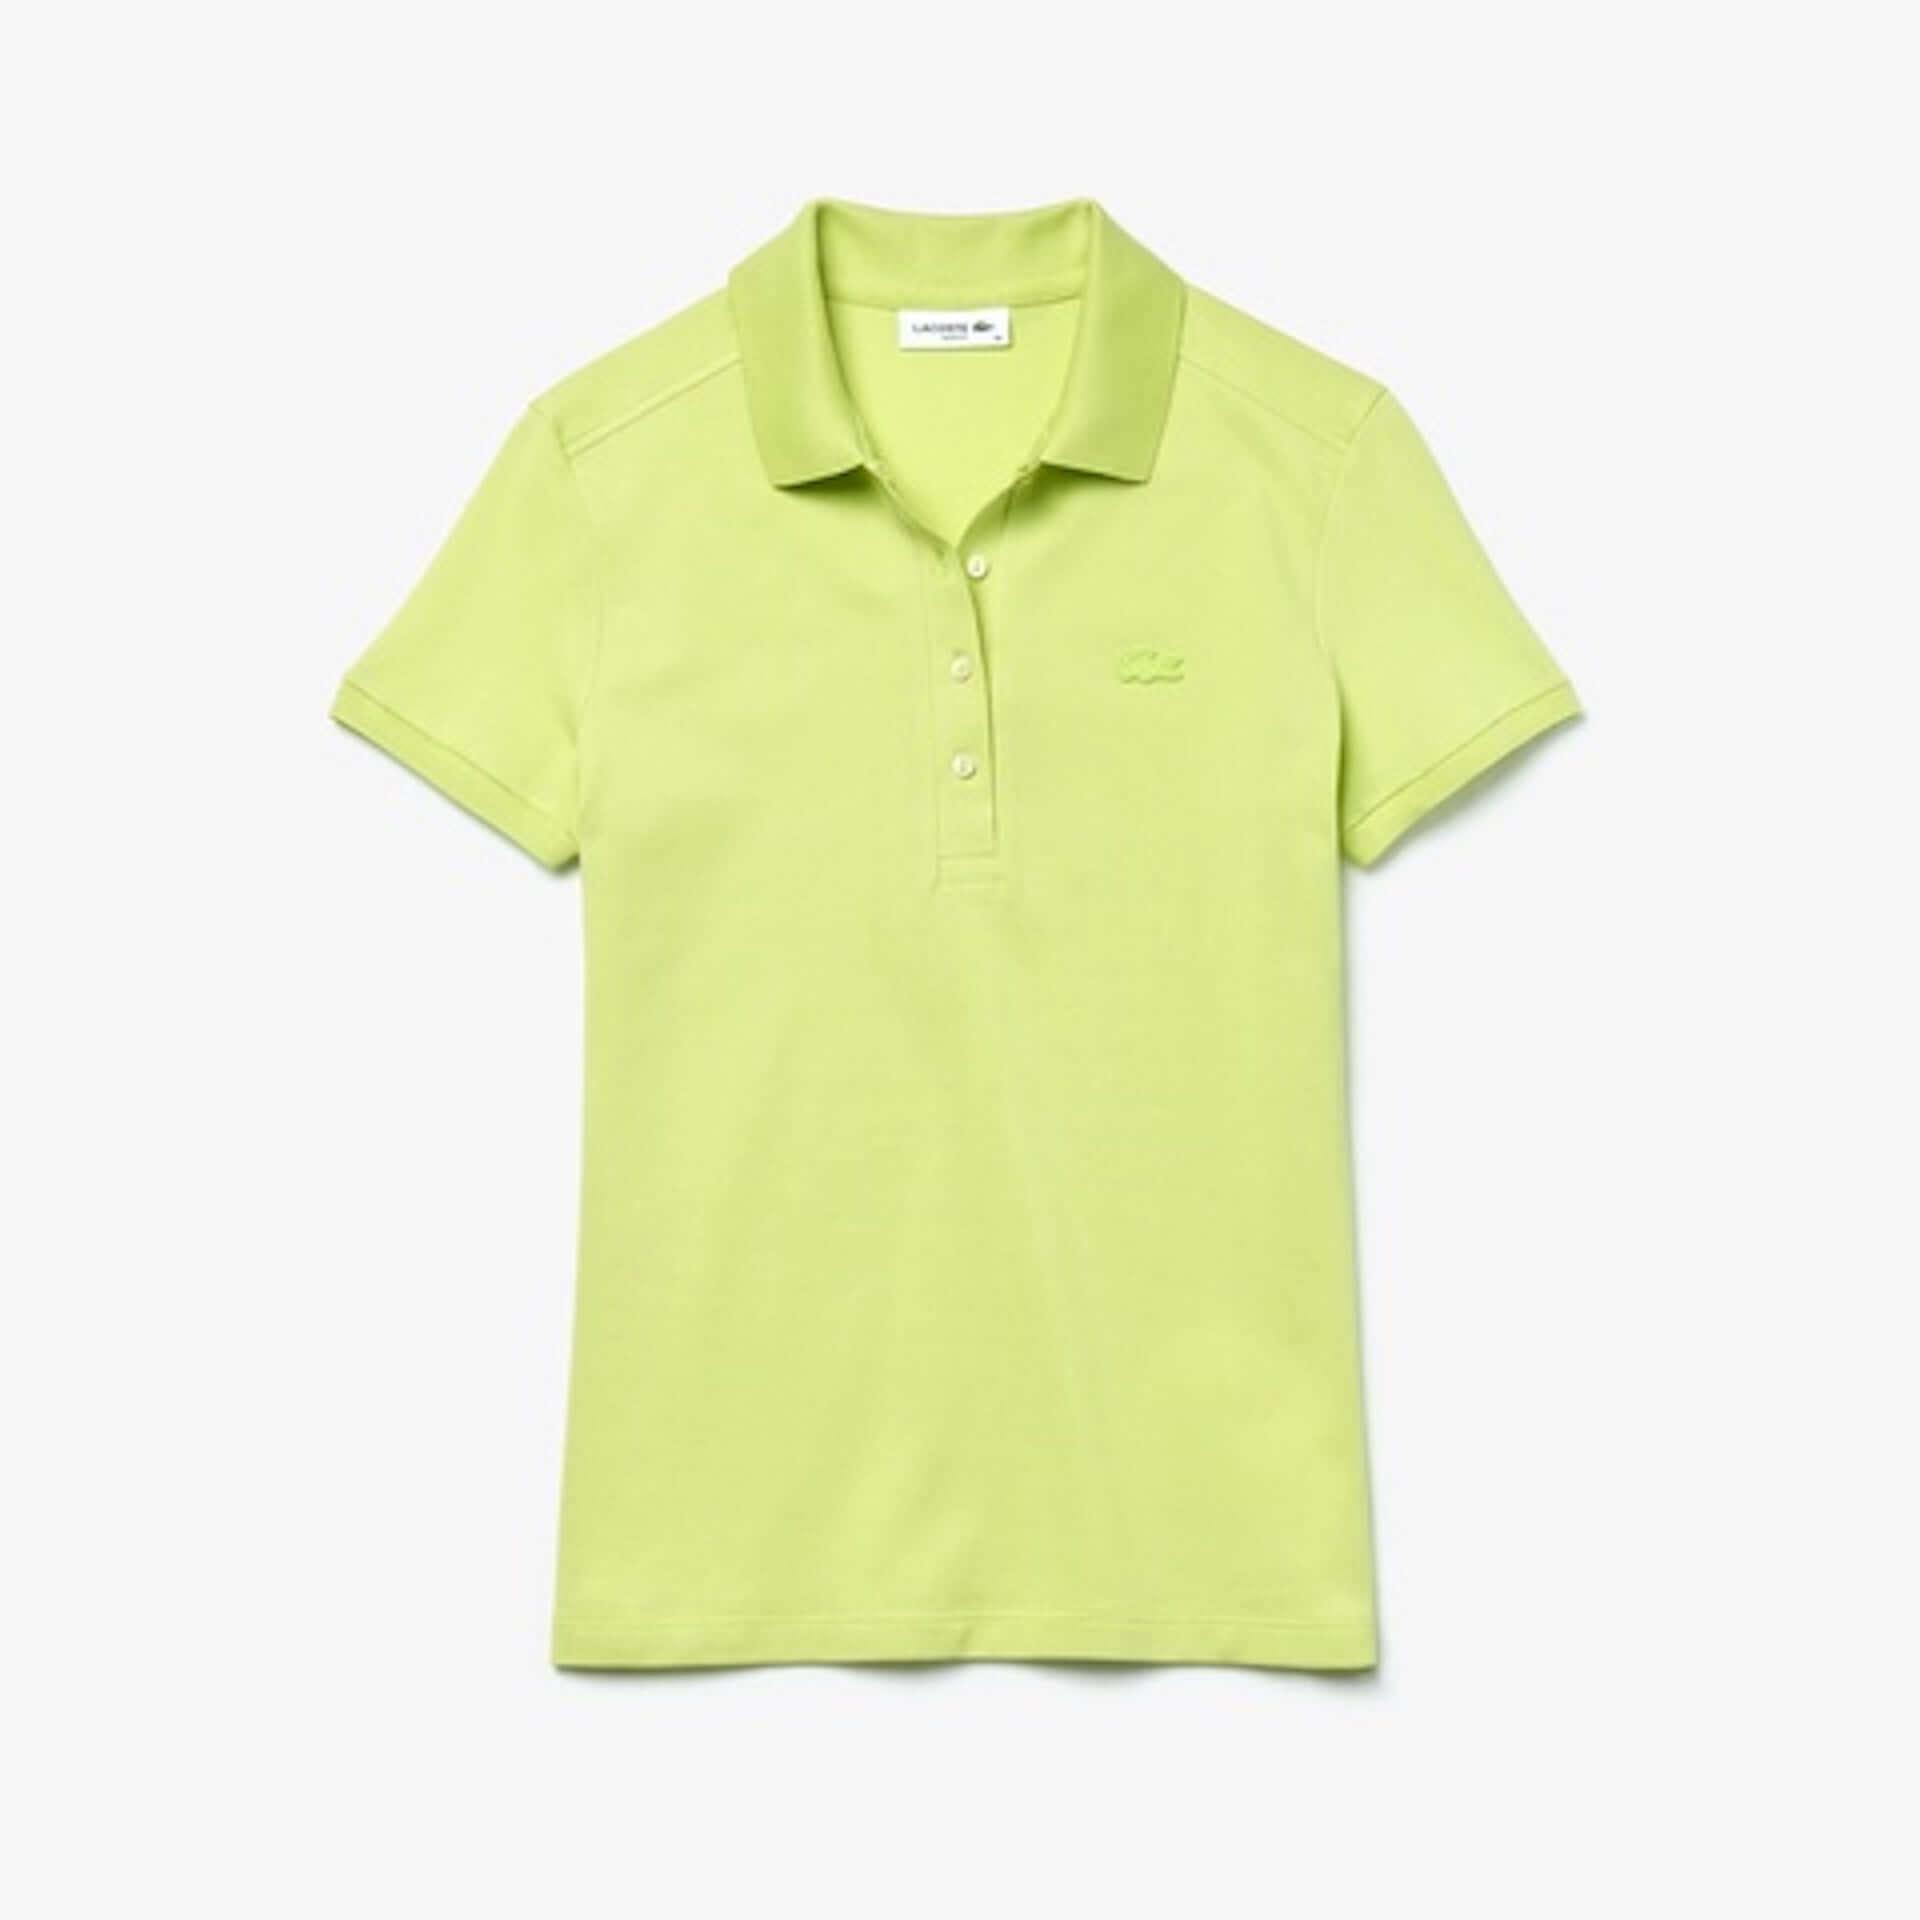 ラコステから春夏シーズンカラーの新作ポロシャツが登場!定番のワニロゴポロシャツやポロドレスも lf200519_lacoste_15-1920x1920